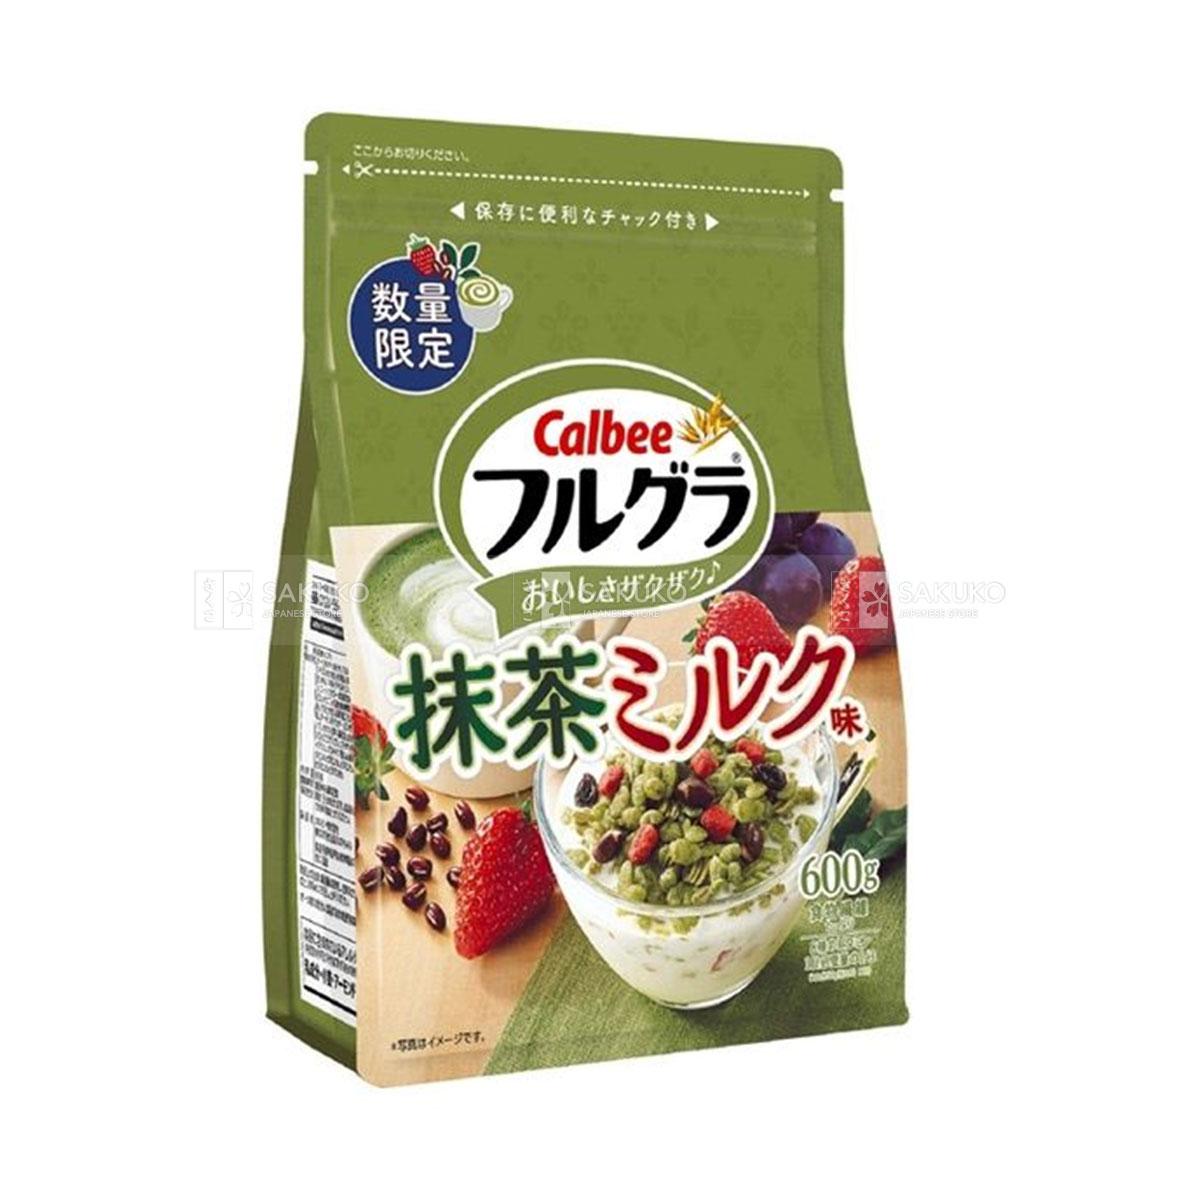 Ngũ cốc dinh dưỡng của Nhật được đóng gói dạng túi zip tiện lợi.